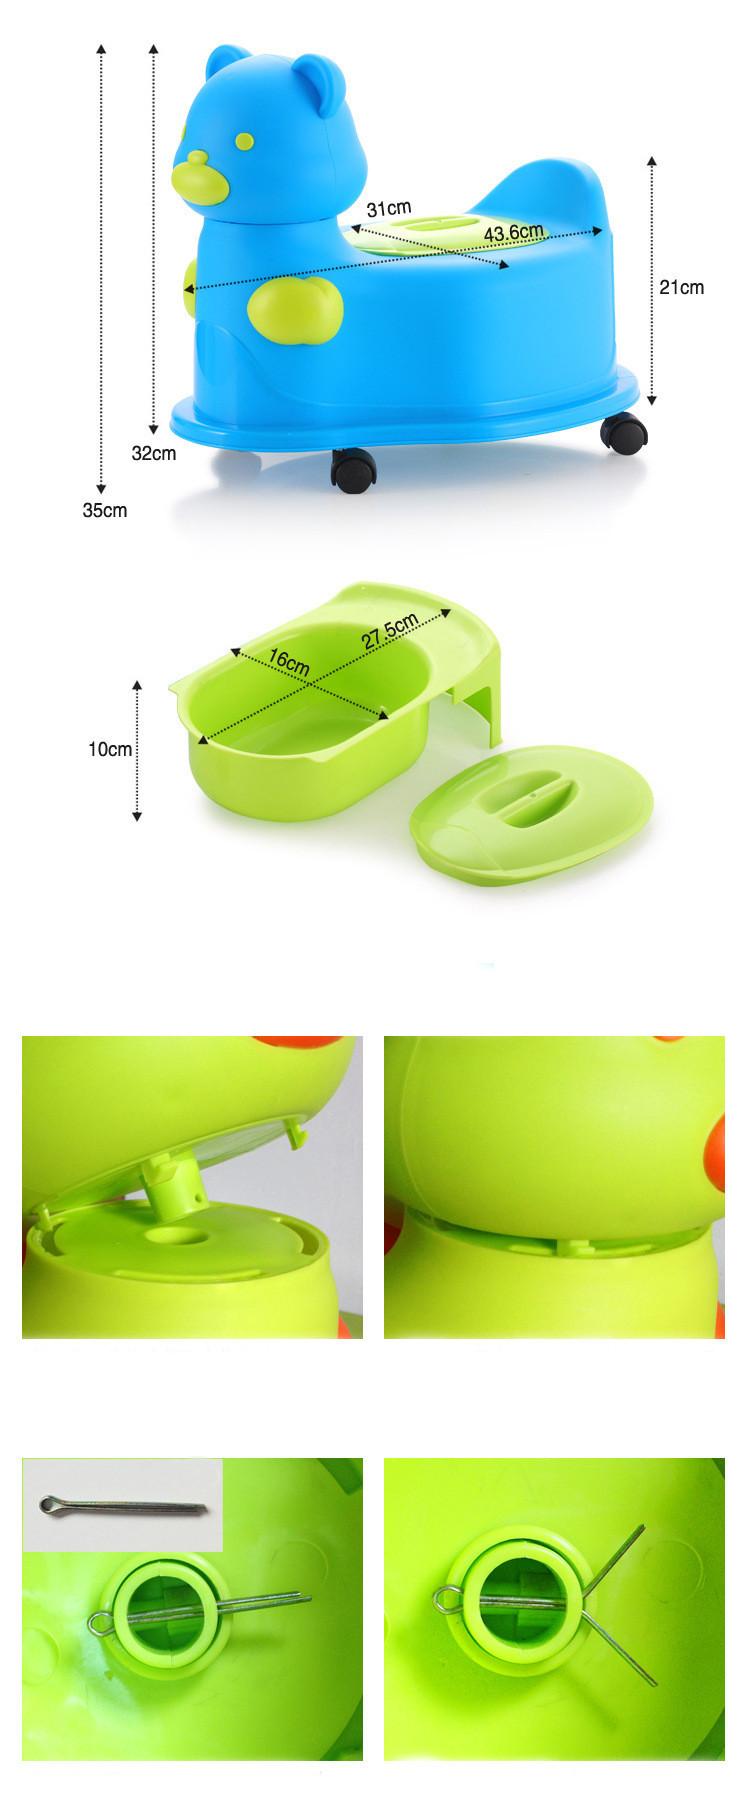 горшки детские каваи медведь многофункциональный горшок дети туалет стул с портативный горшок ребенка иордании колеса игрушечный автомобиль